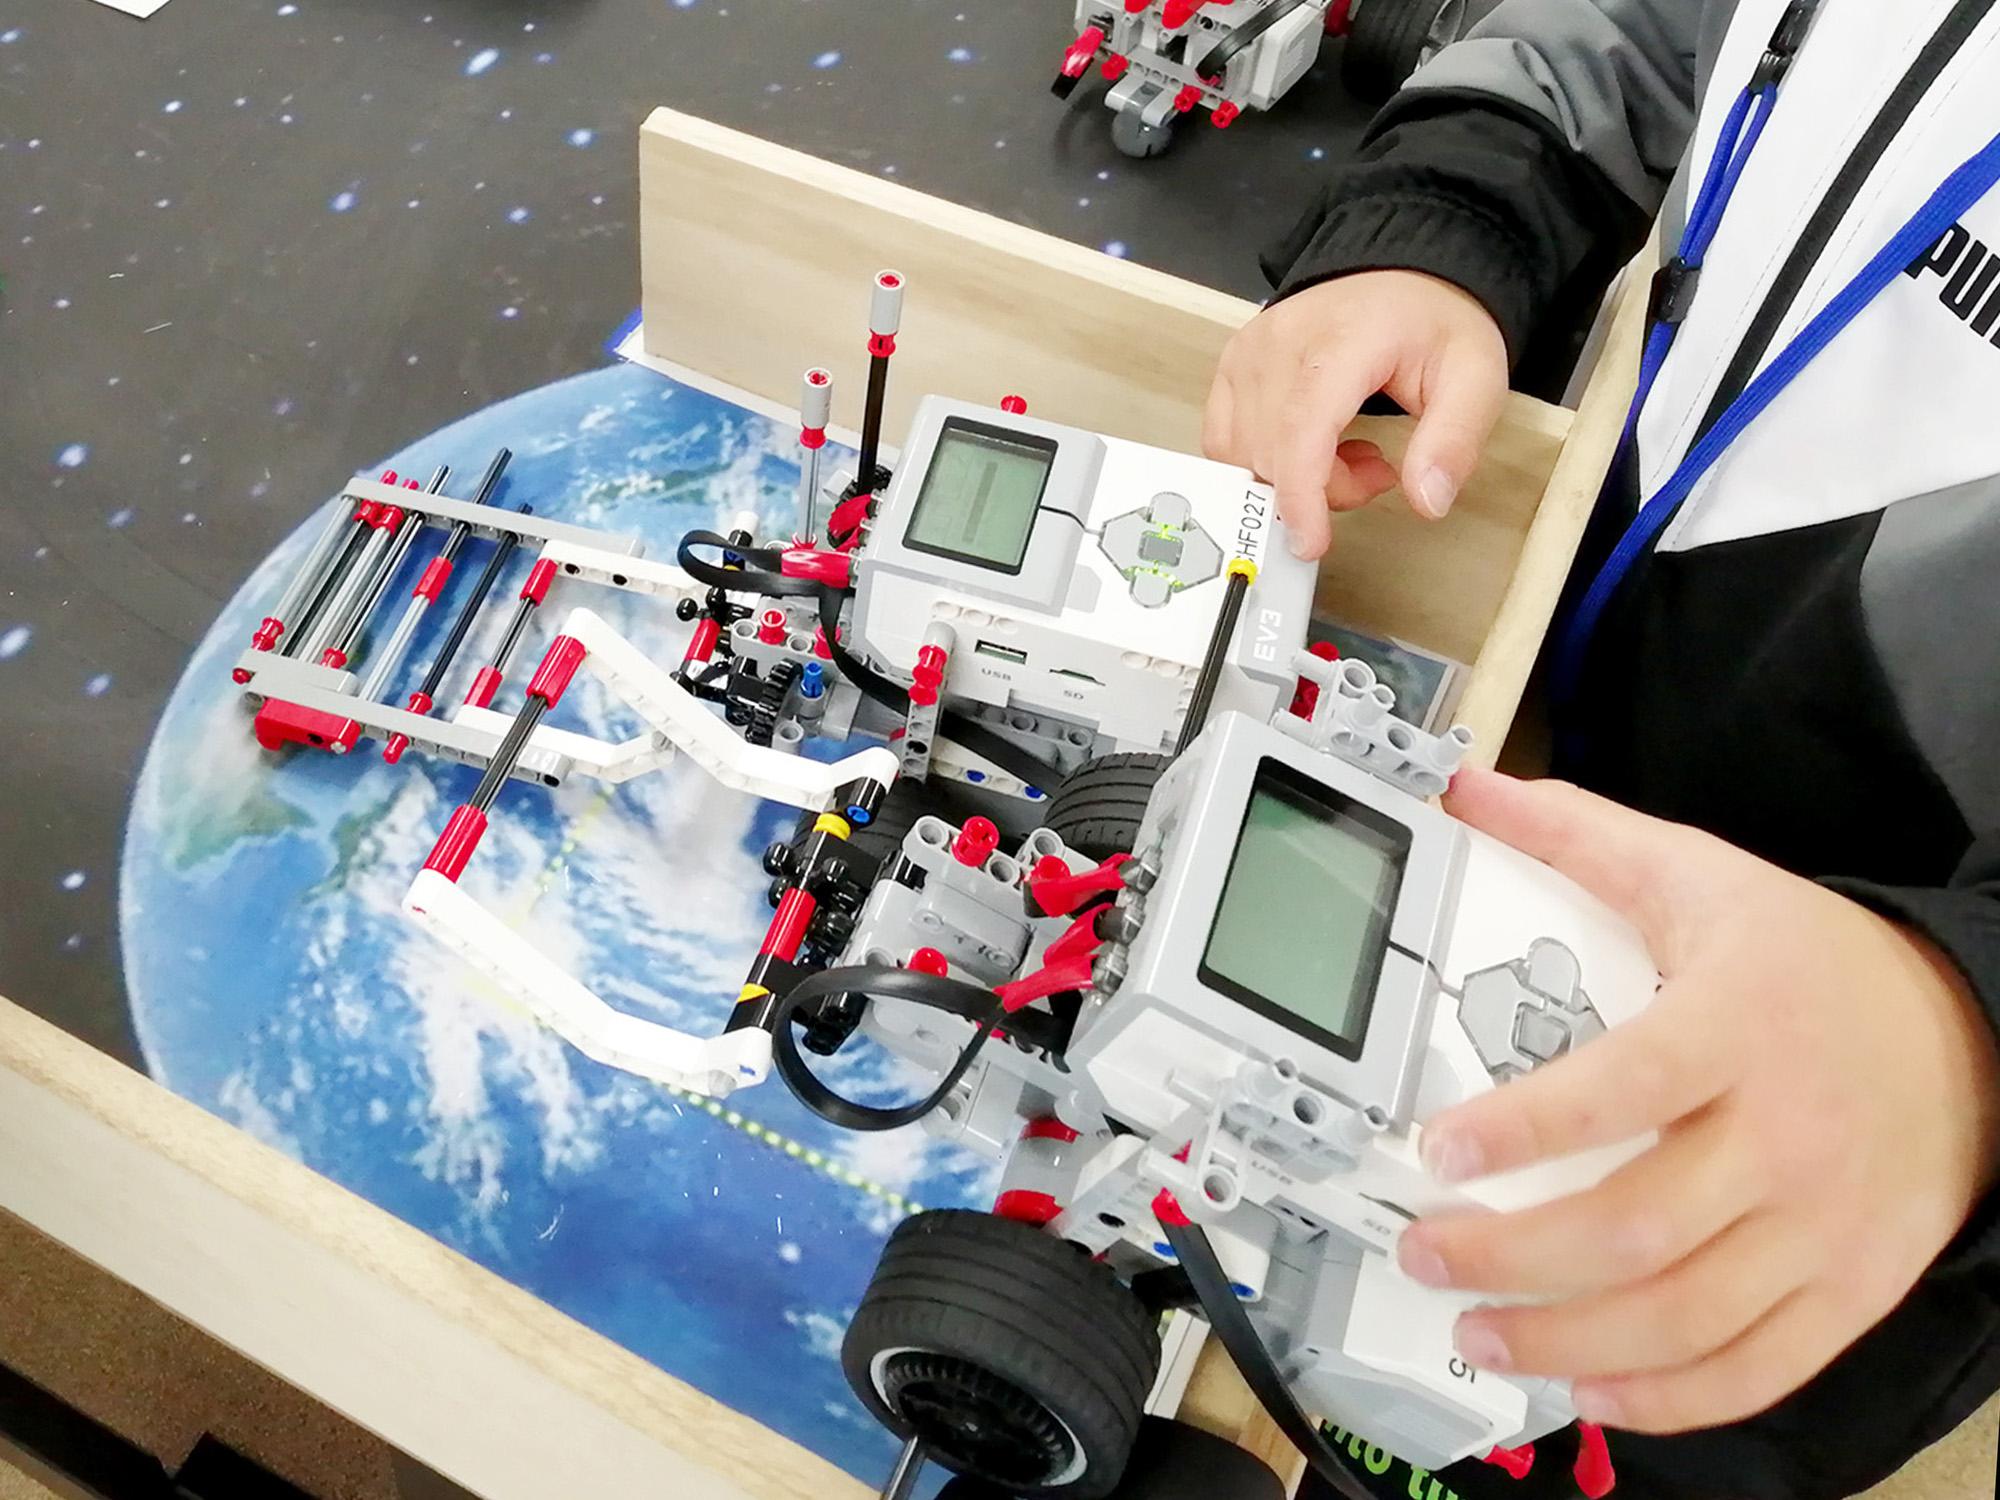 ロボットプログラミング教室ってどんなことをするの?